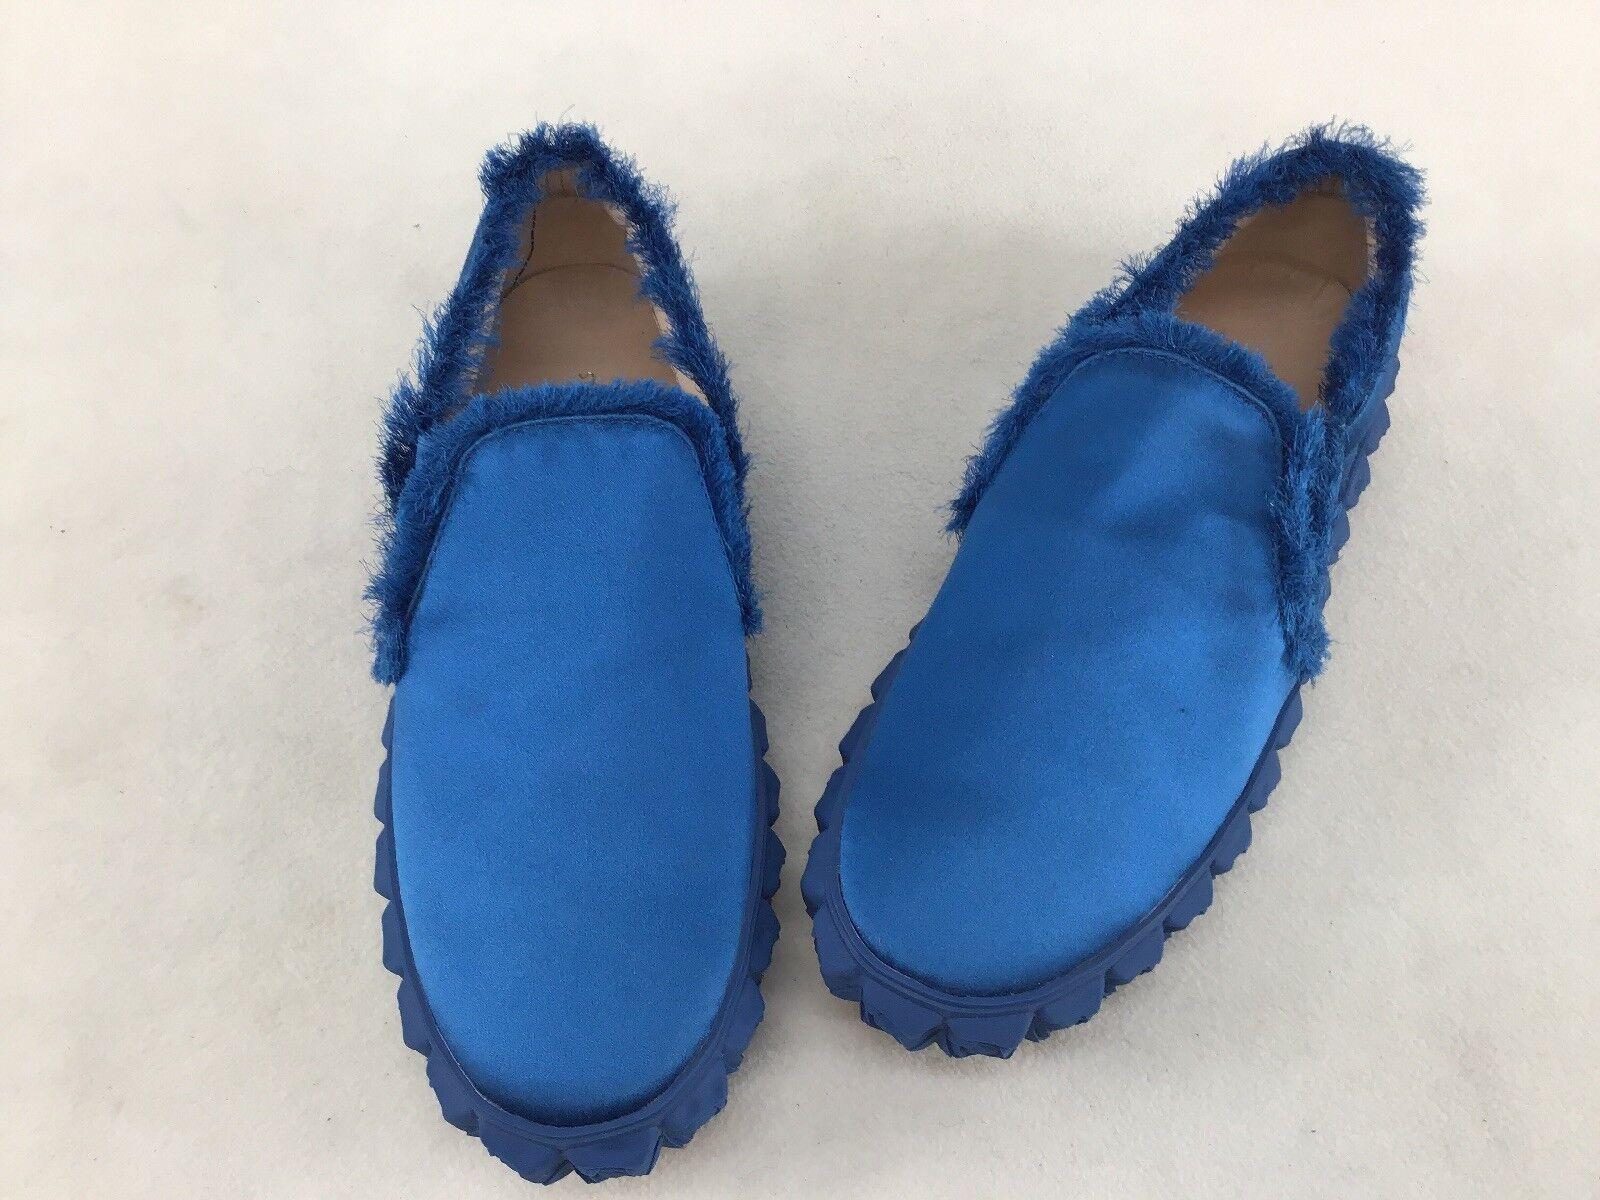 Stuart Weitzman Fringiebelle Aegean Blau Cotton Slip On Slippers Größe 9M F5964